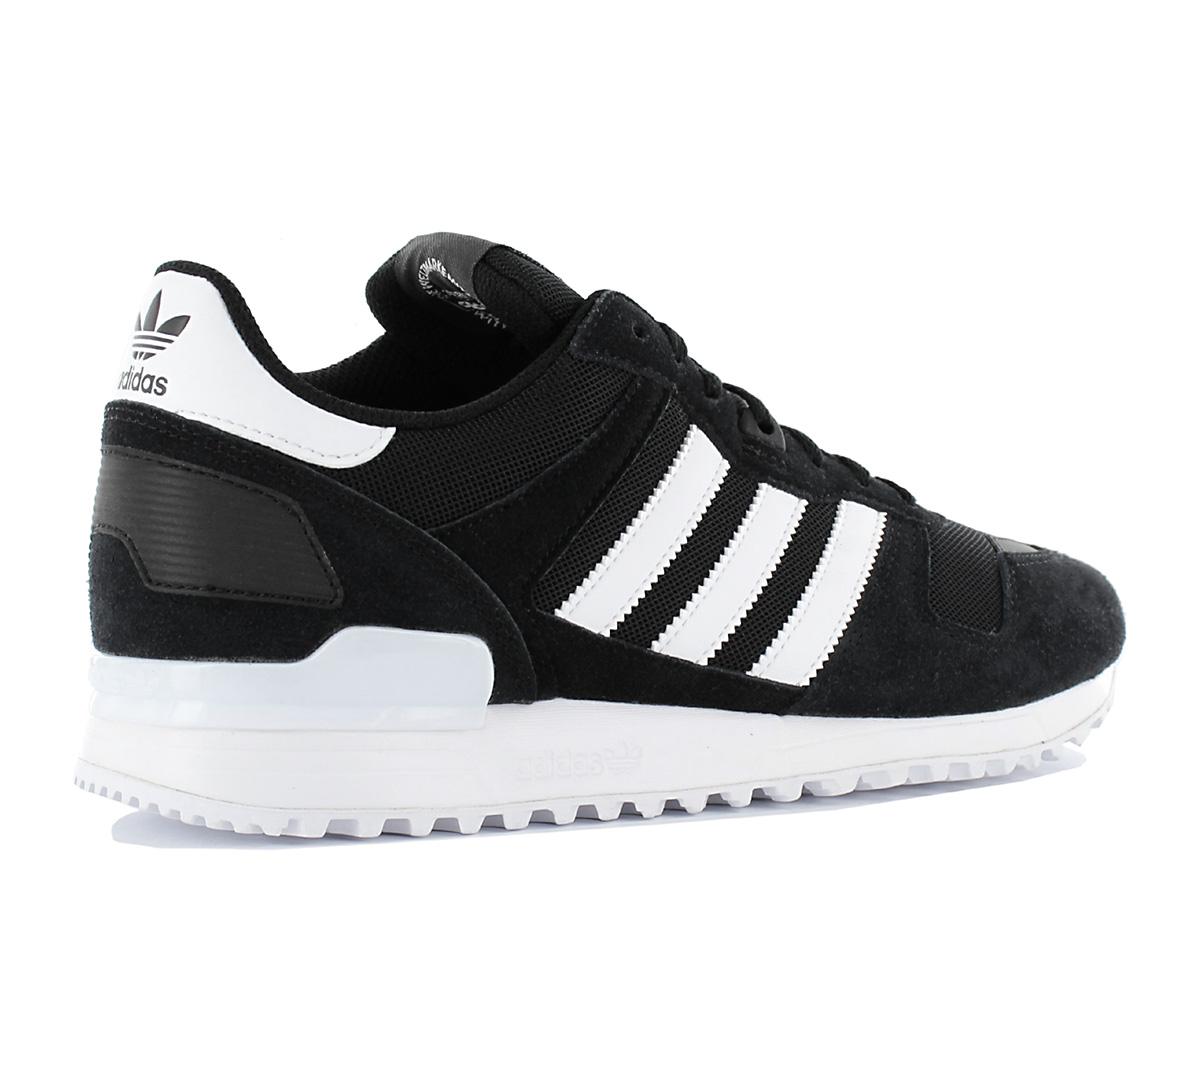 Adidas Originals zx 700 Leather Trainers zapatos de hombre negro zapatillas